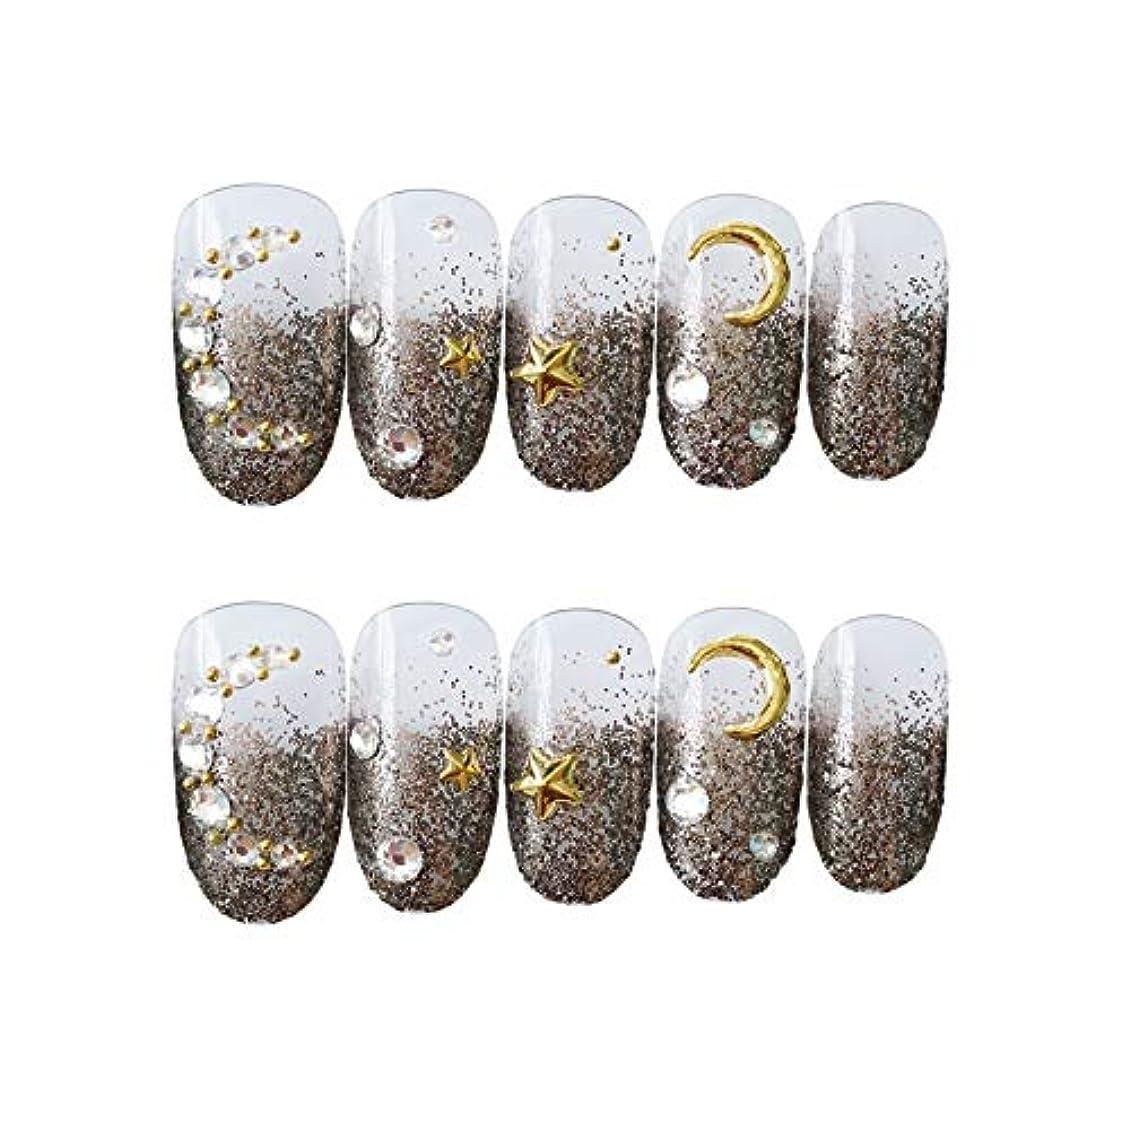 ウガンダガウン霜XUANHU NAIL PATCH 3D ネイルチップ 綺麗な飾り付け 24枚入 原宿 和風 夢幻 和装 手作りネイルチップ 結婚式ネイルチップ